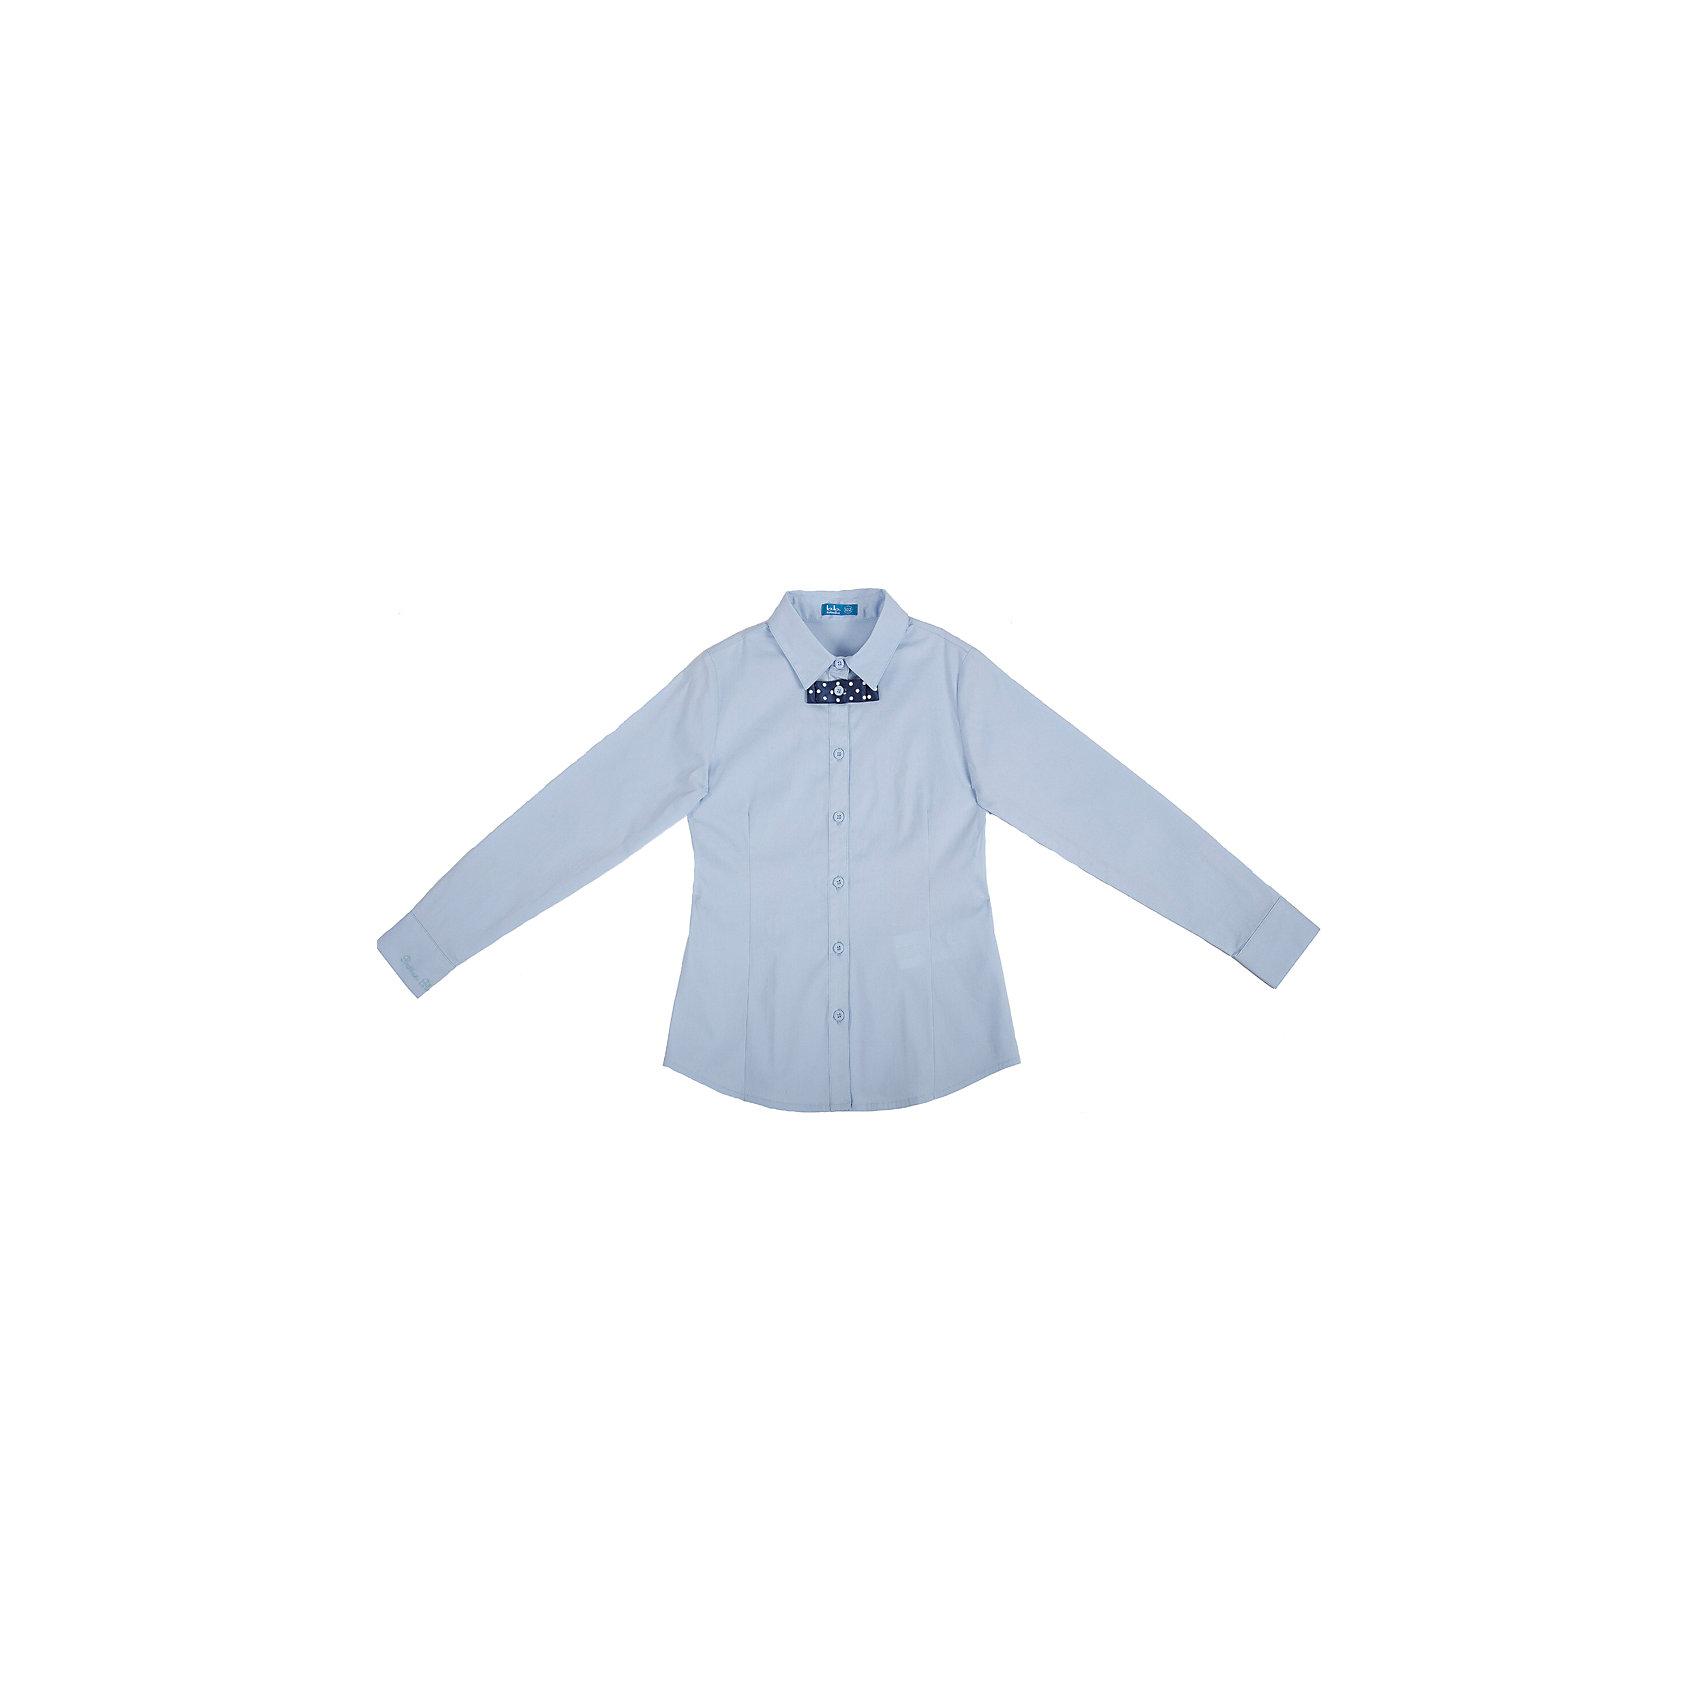 Блузка для девочки Button BlueБлузки и рубашки<br>Блузка для девочки от известного бренда Button Blue<br>Классическая светлая блузка - отличное решение для каждого школьного дня. Небольшая деталь - отстегивающийся бантик в мелкий горошек придает изделию оригинальность.<br>Состав:<br>62% хлопок,  35%нейлон,                3% эластан<br><br>Ширина мм: 186<br>Глубина мм: 87<br>Высота мм: 198<br>Вес г: 197<br>Цвет: голубой<br>Возраст от месяцев: 72<br>Возраст до месяцев: 84<br>Пол: Женский<br>Возраст: Детский<br>Размер: 122,158,152,128,134,140,146<br>SKU: 4719146